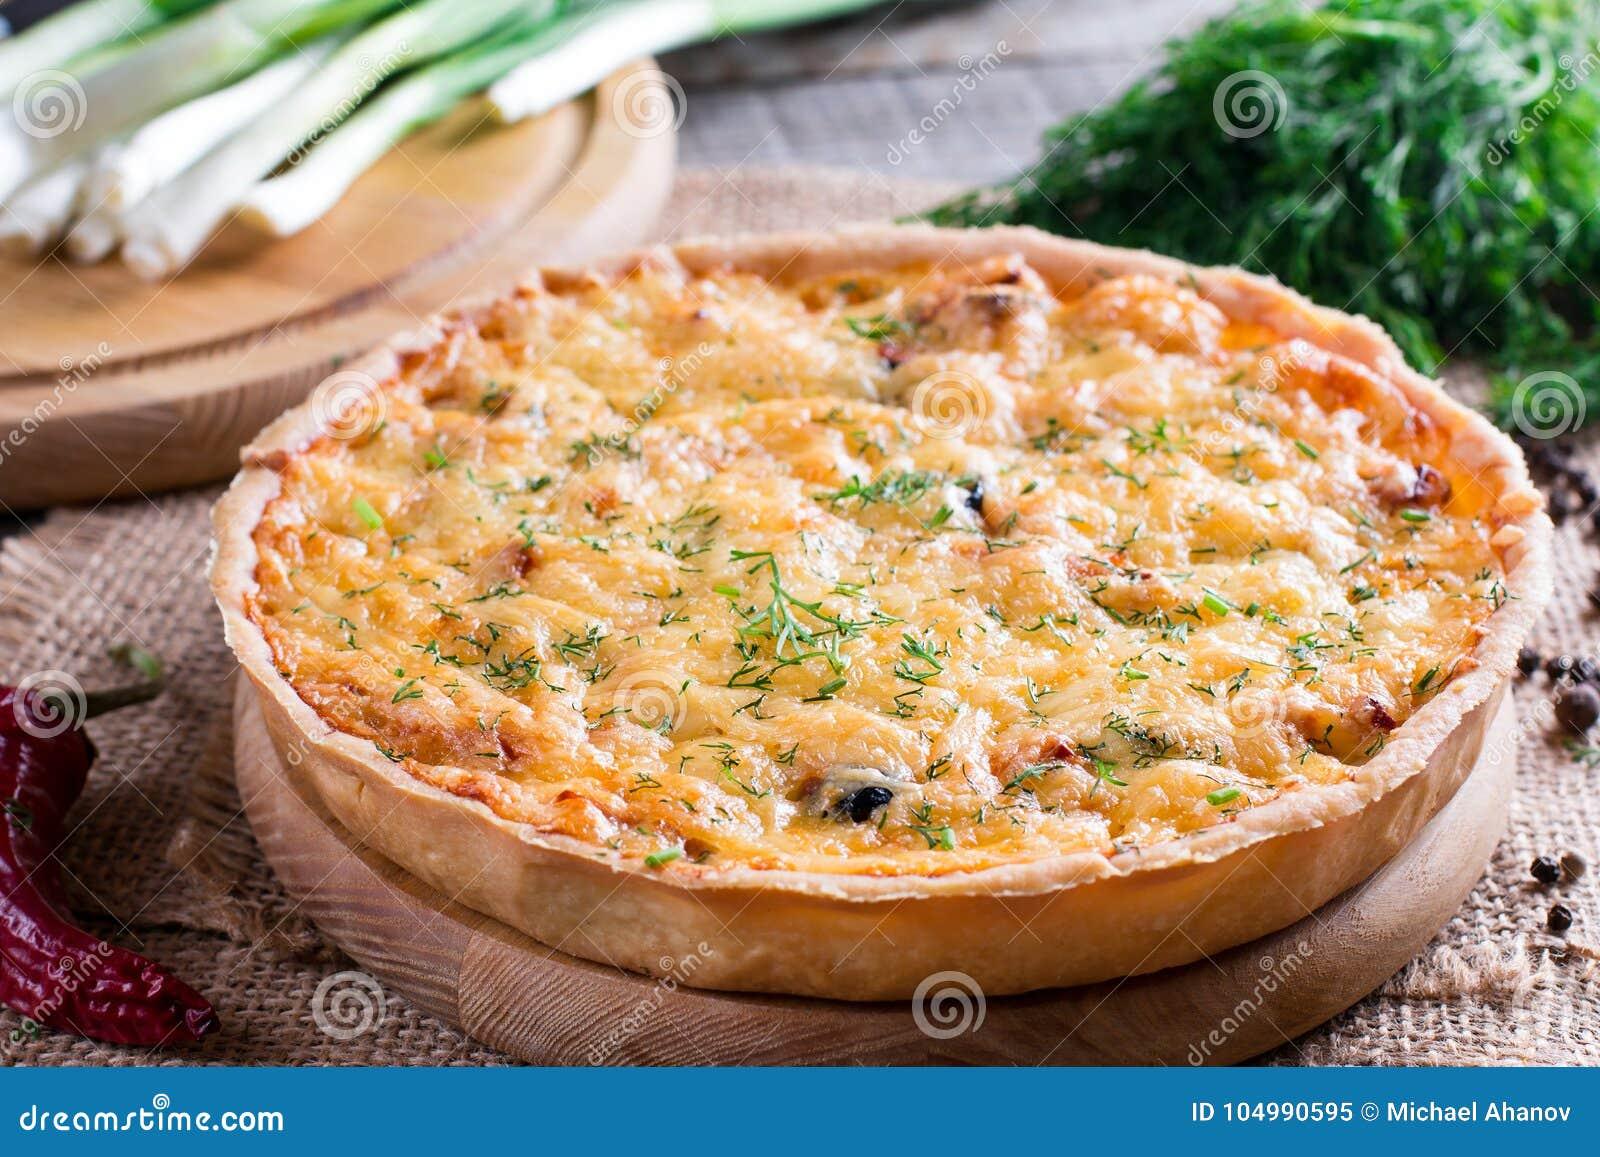 Πίτα Λωρραίνη - πίτα με το τυρί, το ζαμπόν και το πράσο